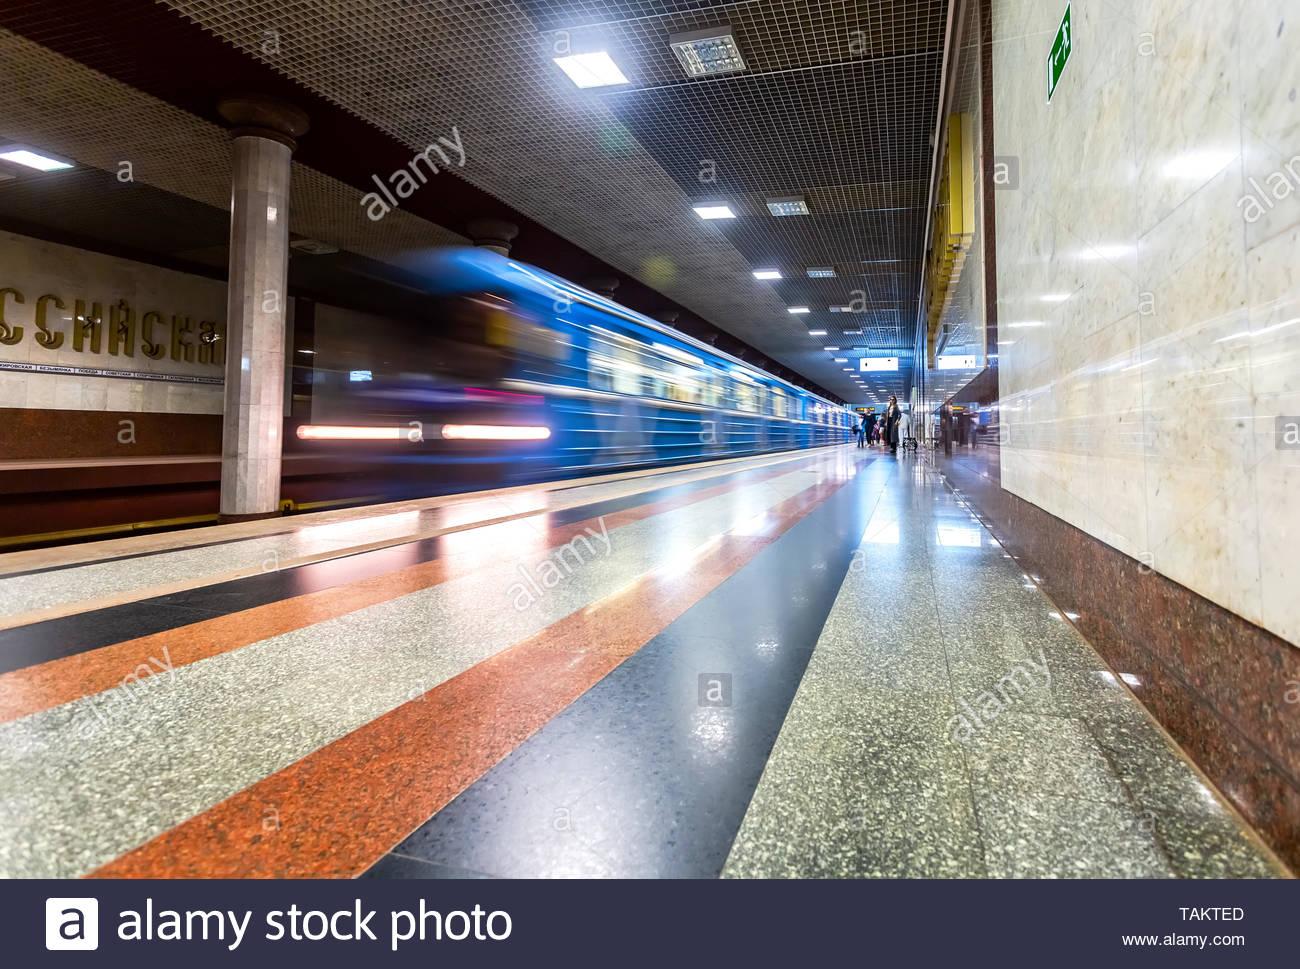 Samara, Russia - May 26, 2019: Blue subway train in motion at the subway station Rossiyskaya - Stock Image